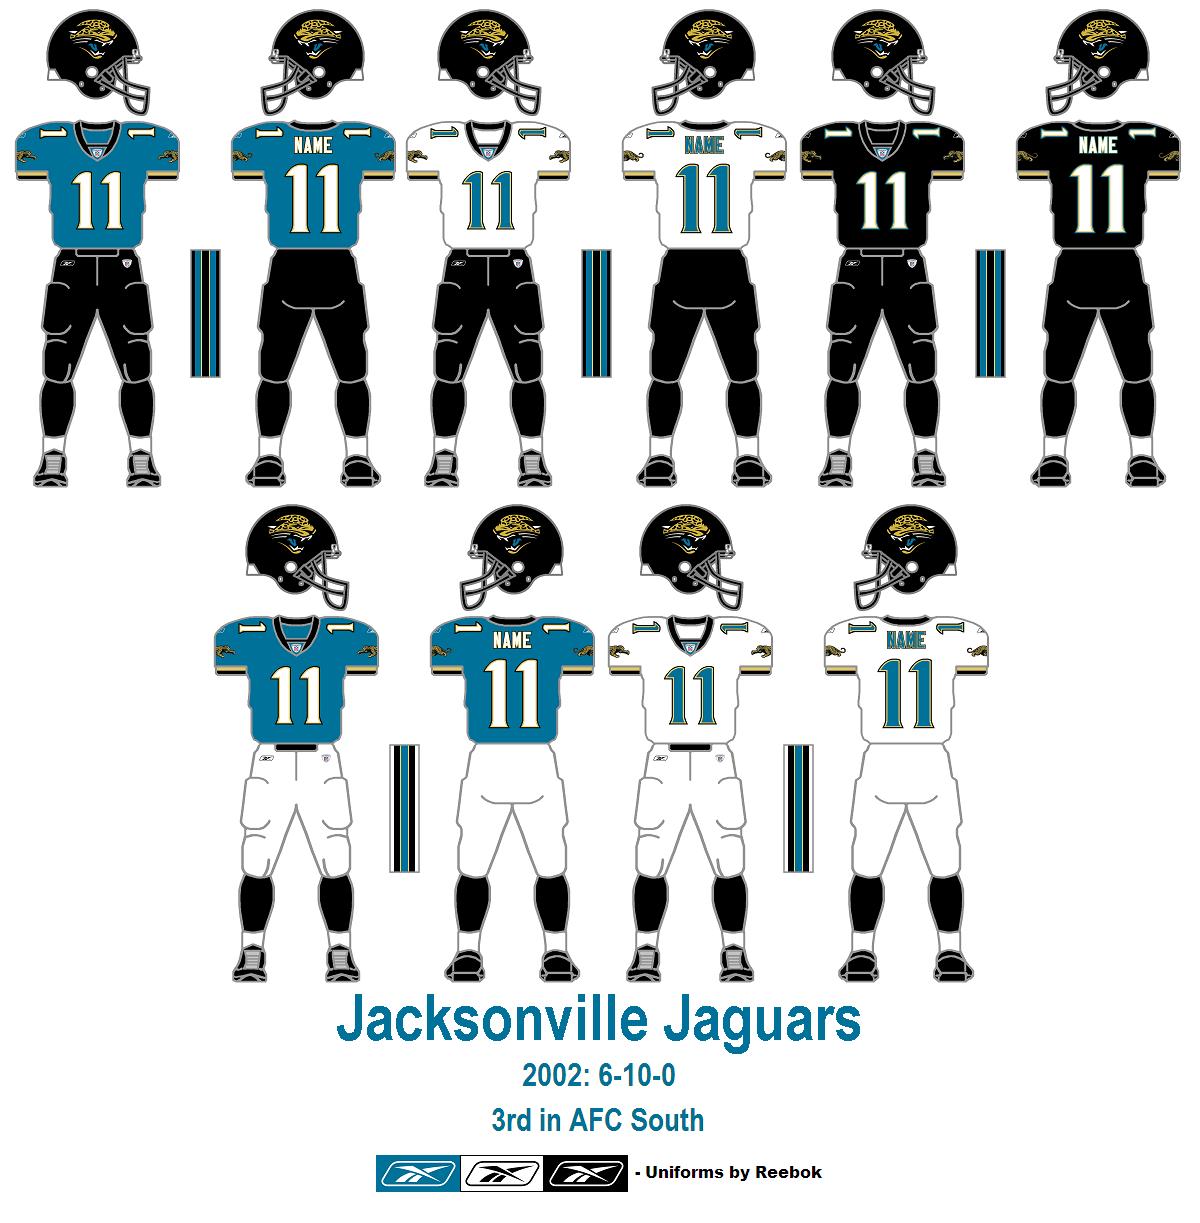 teal brunell game jerseys jaguar and used lg jacksonvill loa signed jaguars jersey detail jacksonville mark lot